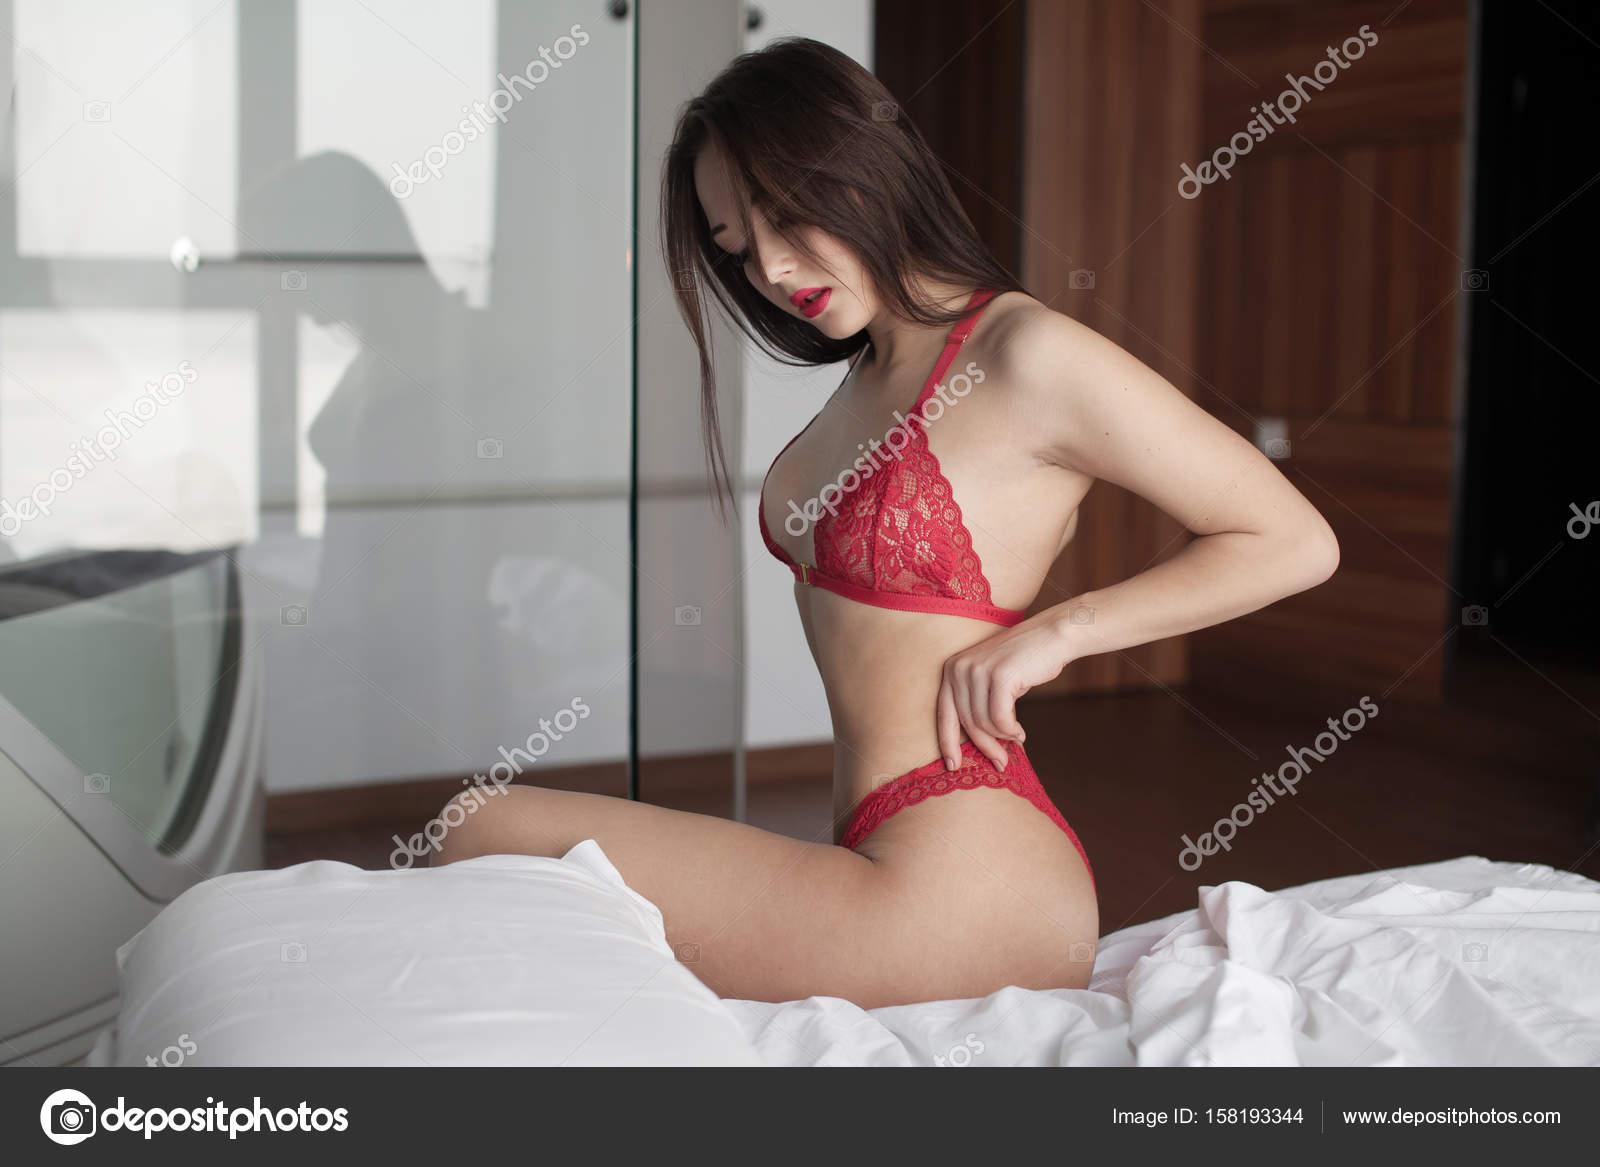 81c4cc7b98 Hermosa dama sexy elegante rojo bragas y sujetador. Retrato de niña de moda  modelo en interiores. Mujer morena de belleza con nalgas atractivas en ropa  ...